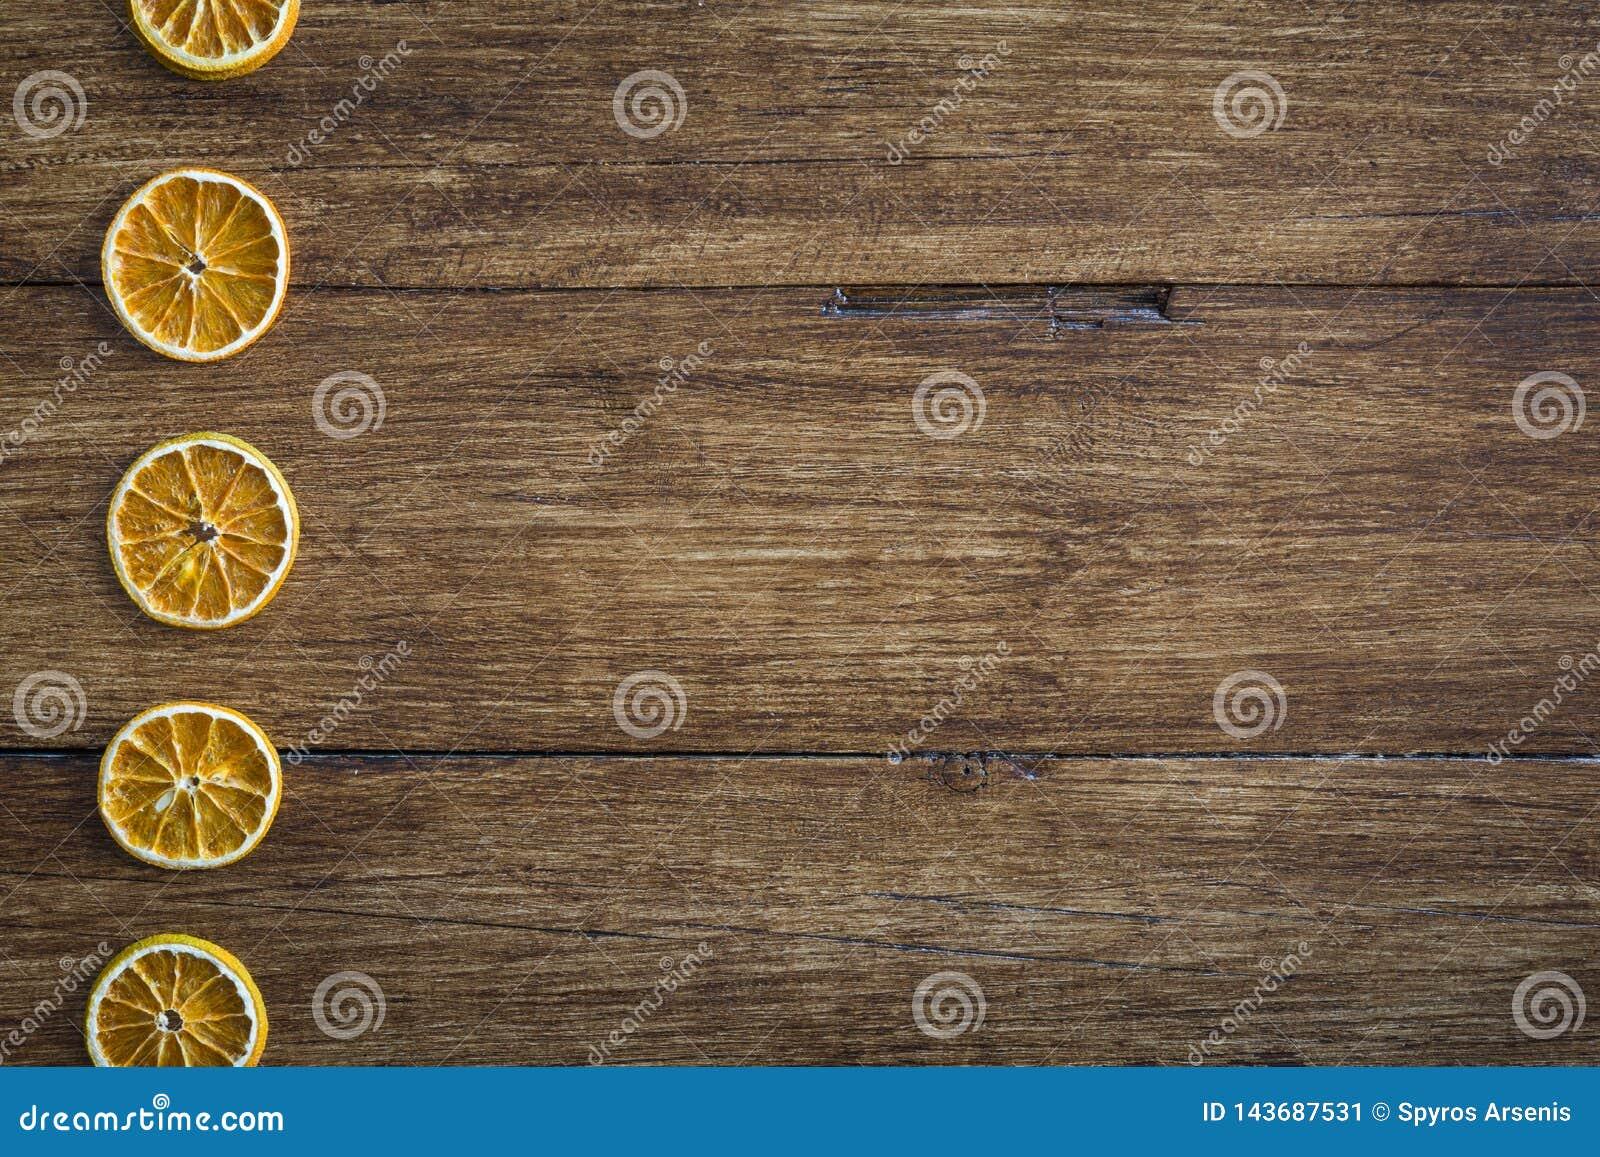 Fatias alaranjadas secadas em uma superfície de madeira